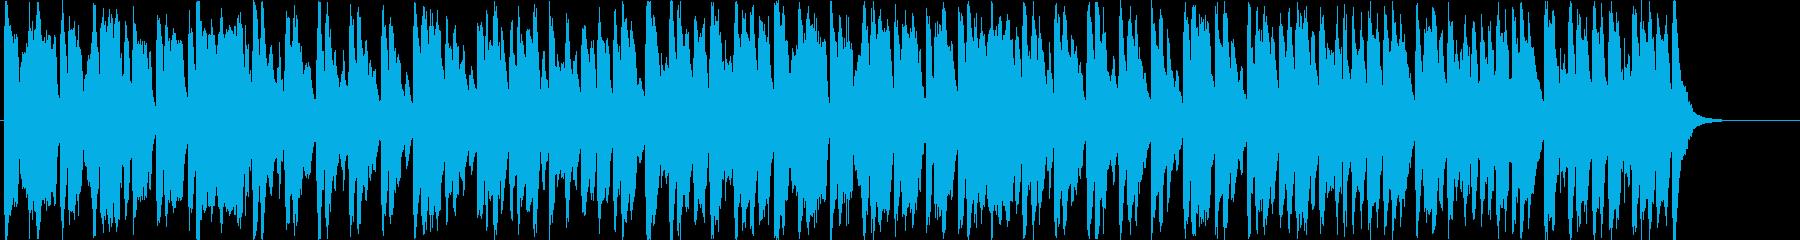 クリスマスソング「もろびとこぞりて」の再生済みの波形